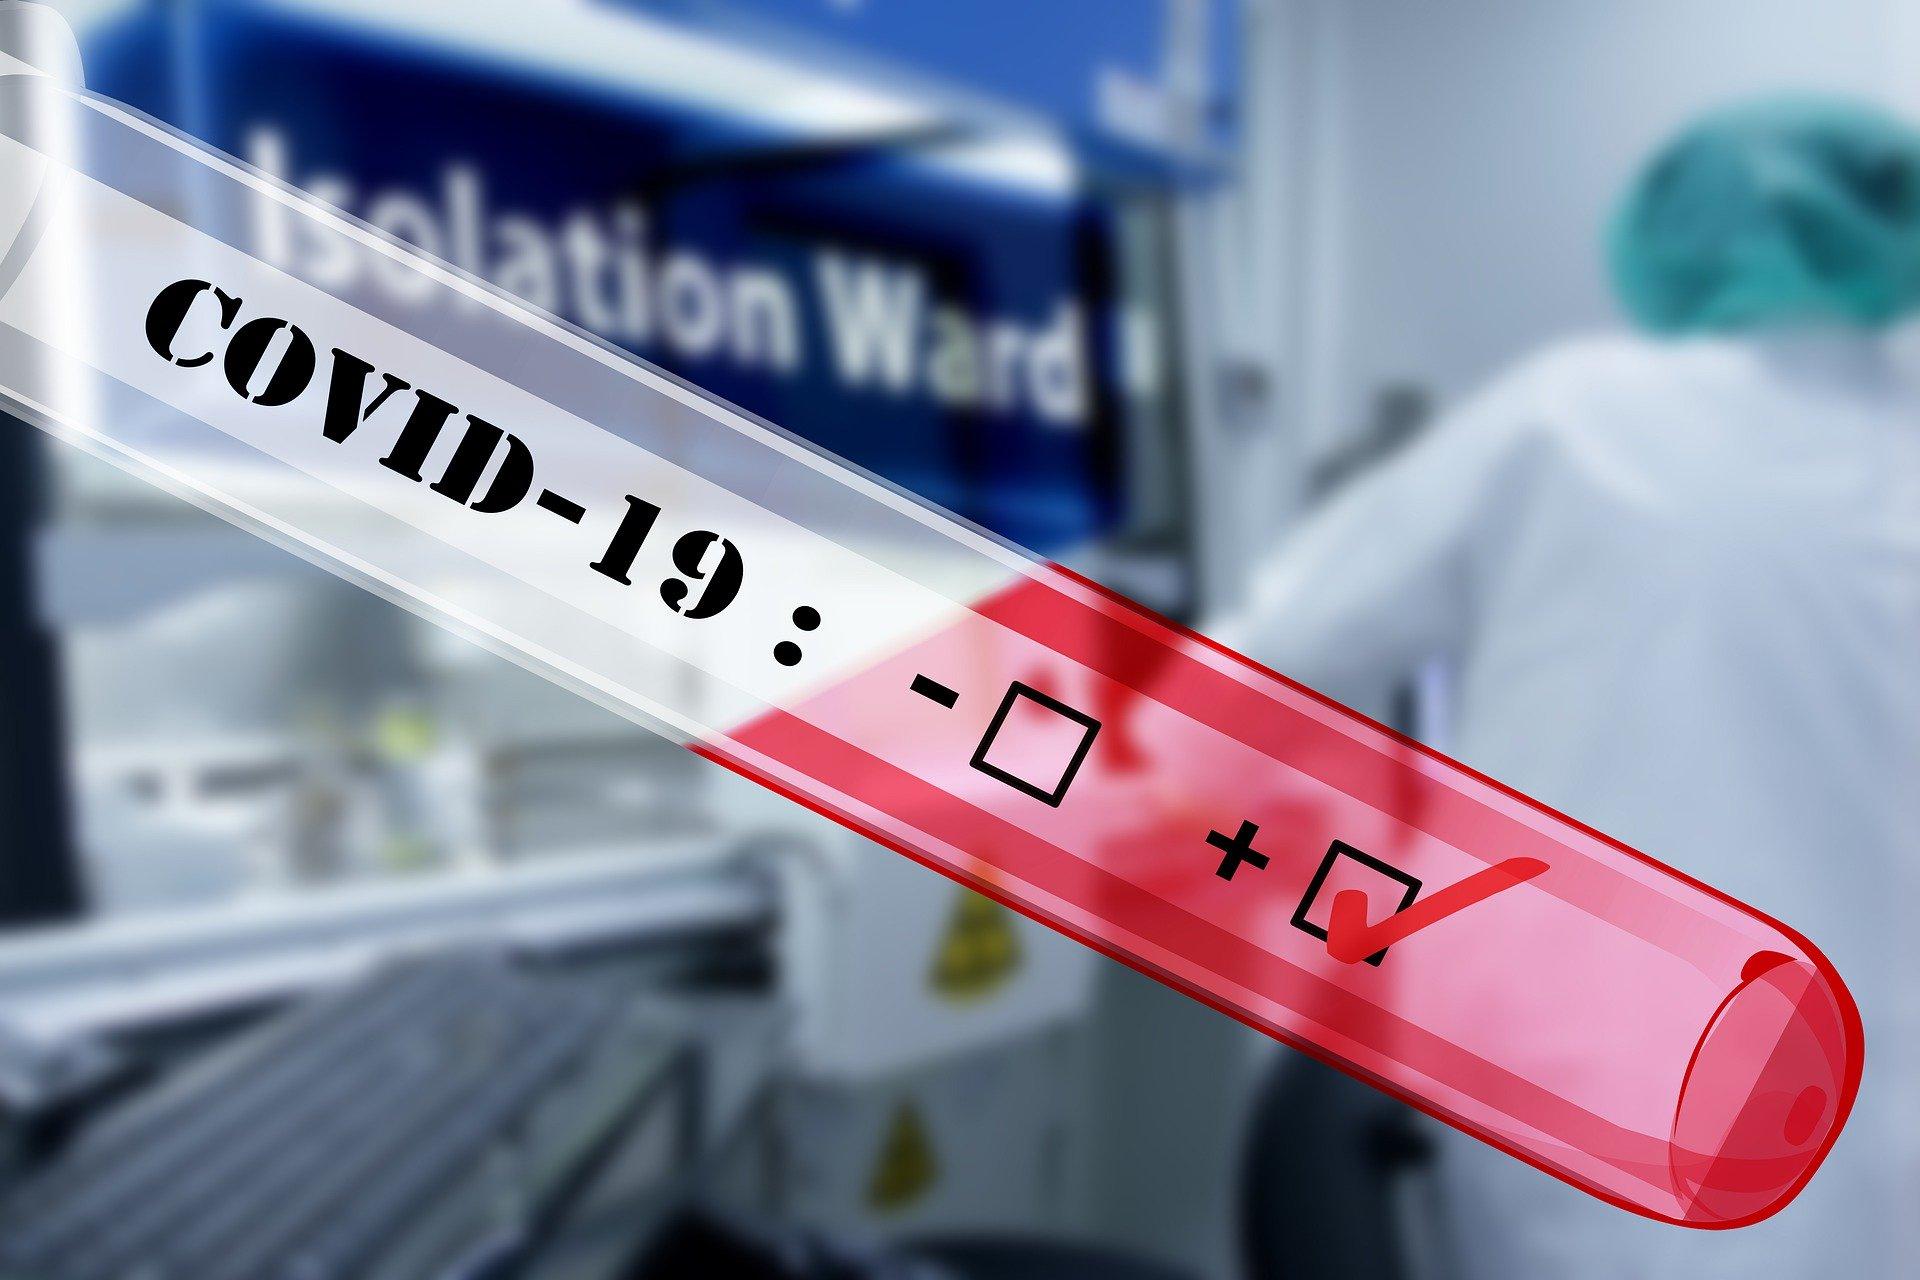 Test rapid de depistare a SARS-CoV-2, aprobat în Germania